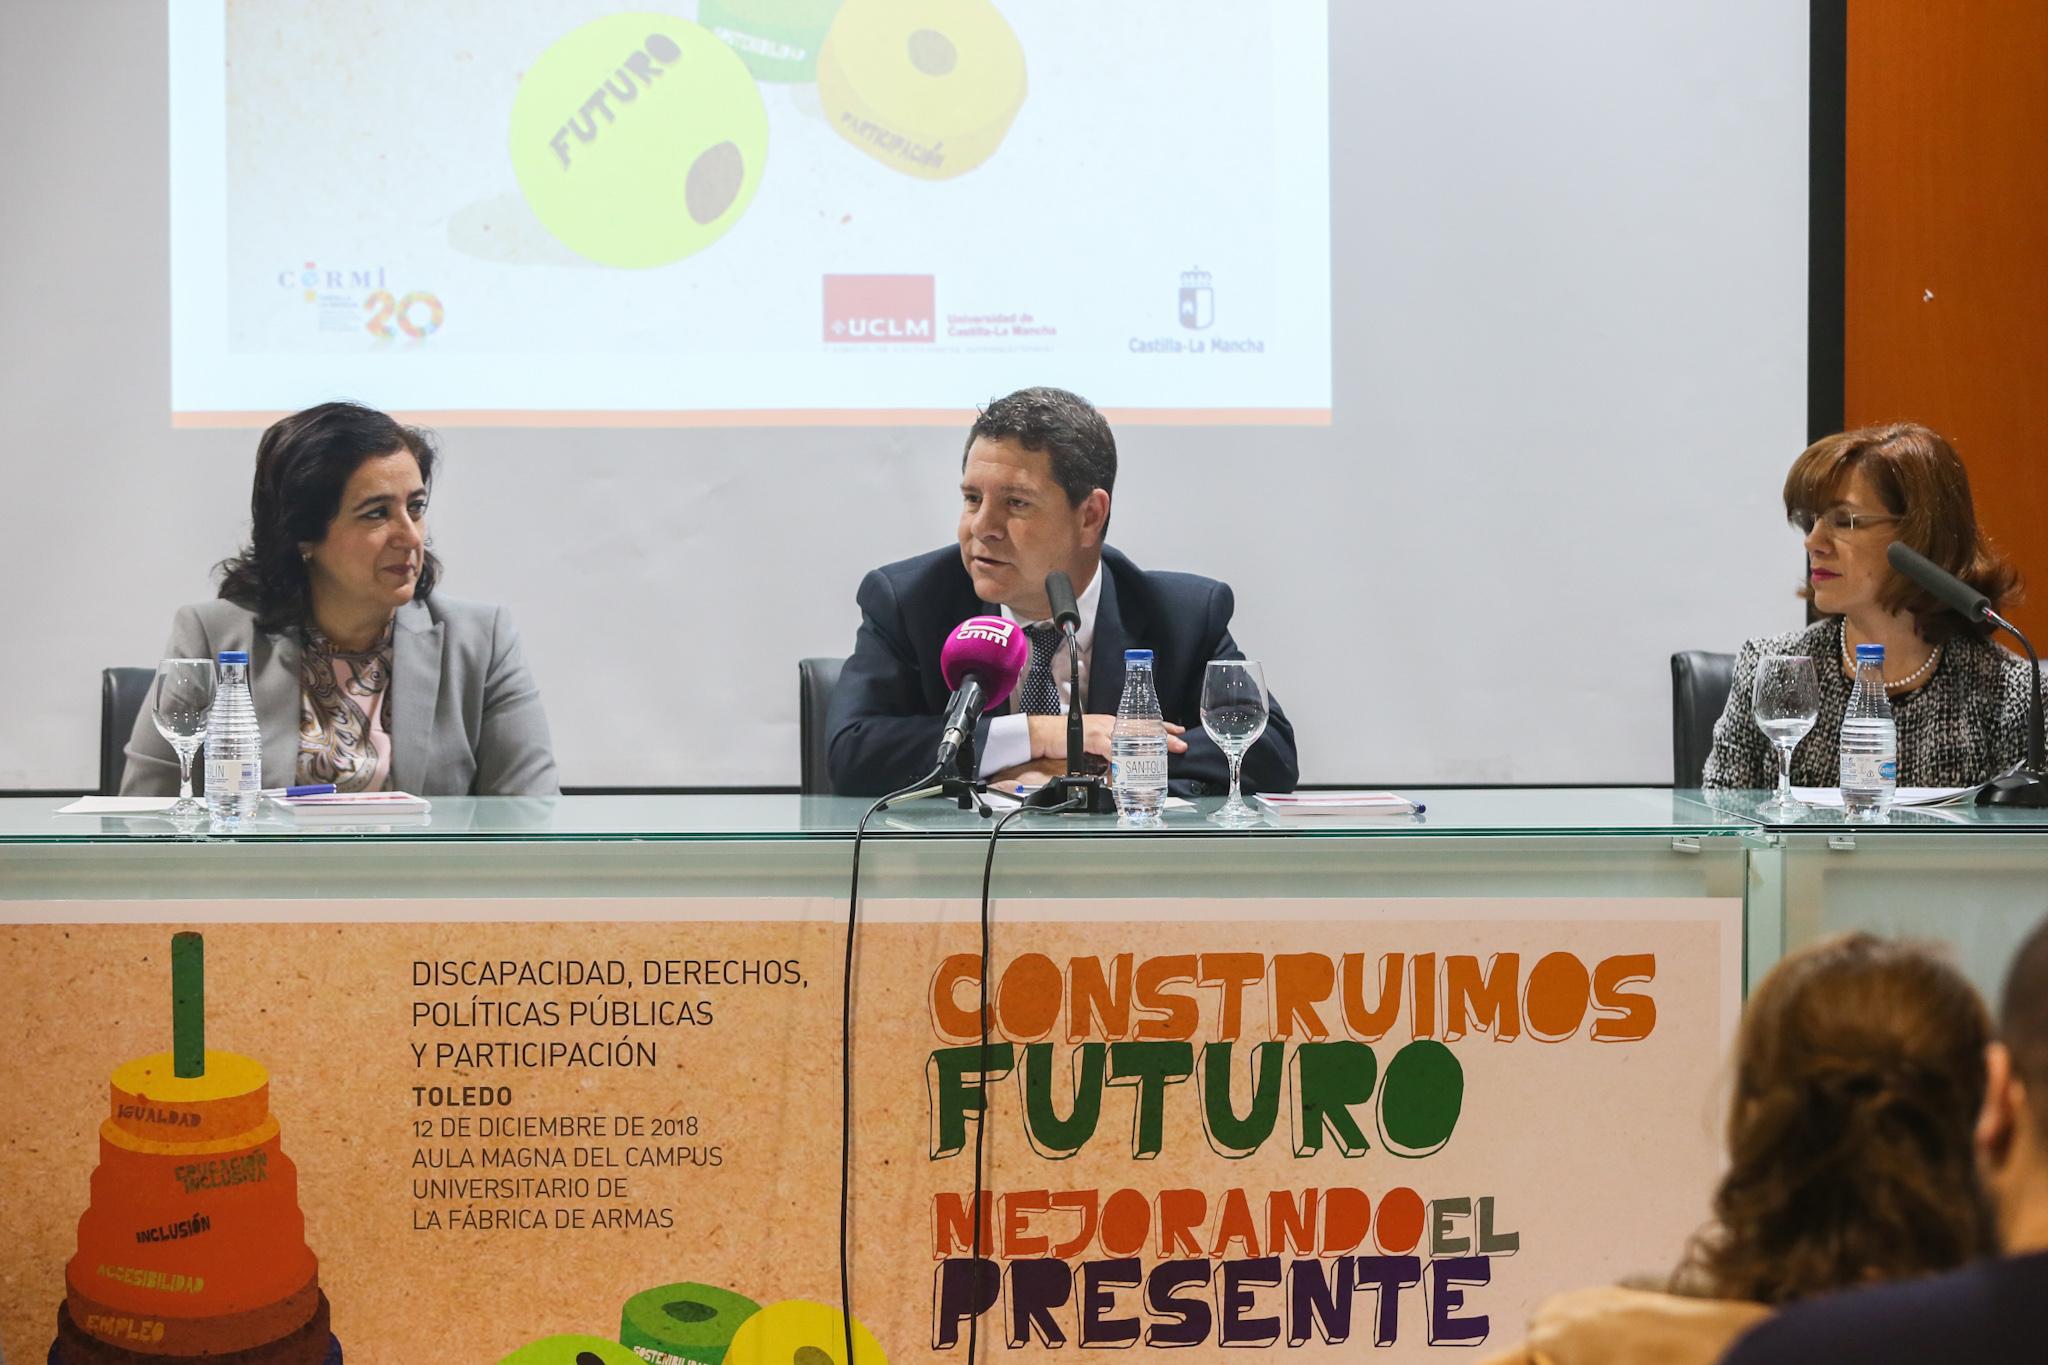 García-Page, en el Aniversario de Cermi CLM